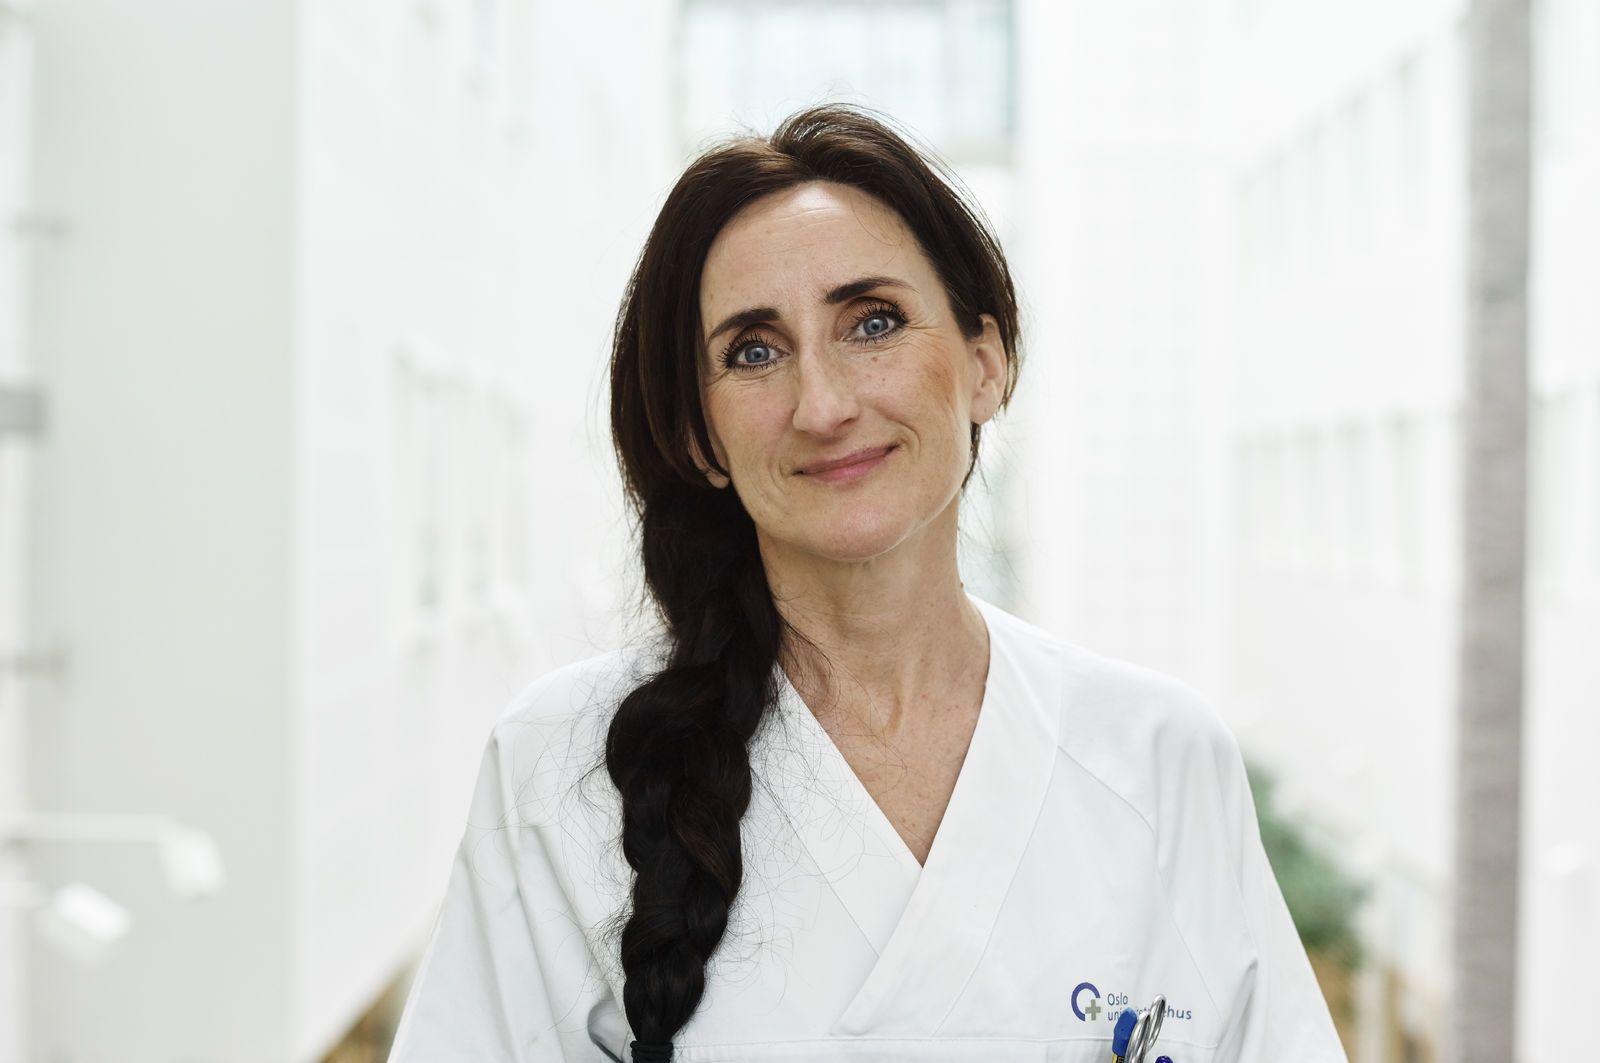 Portrettbilde av en kvinnelig lege. Foto: Øivind Haug